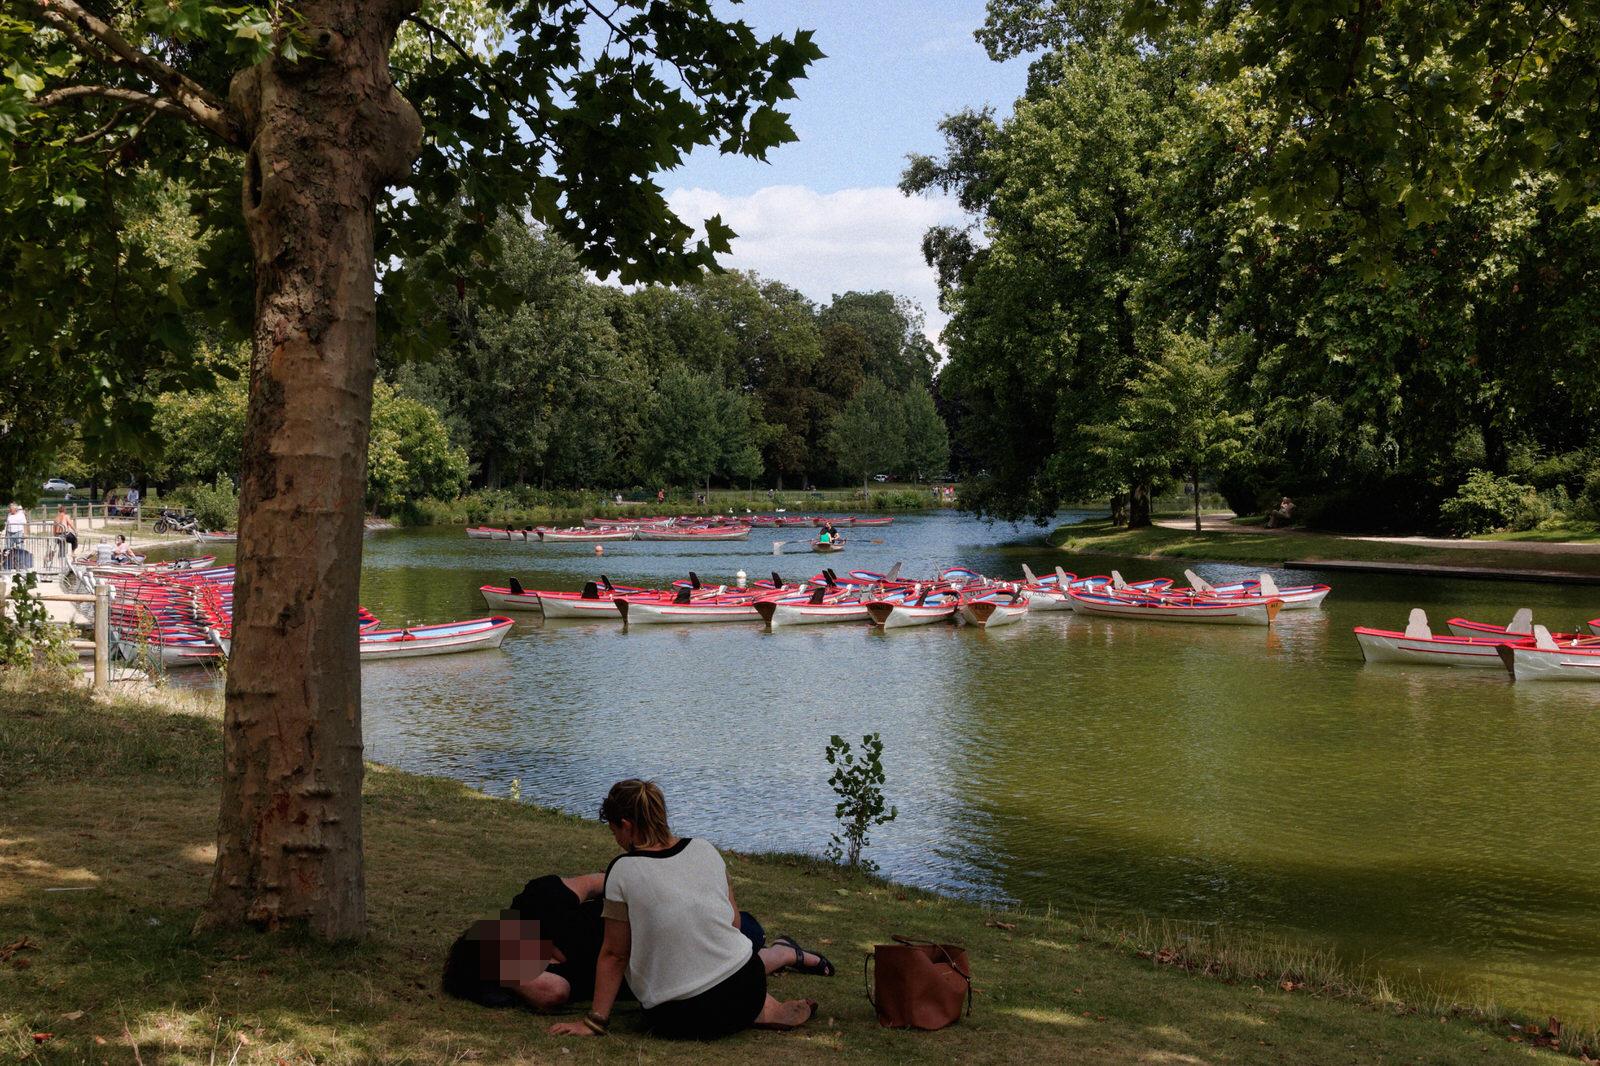 Rowboats in Bois de Vincennes, Paris